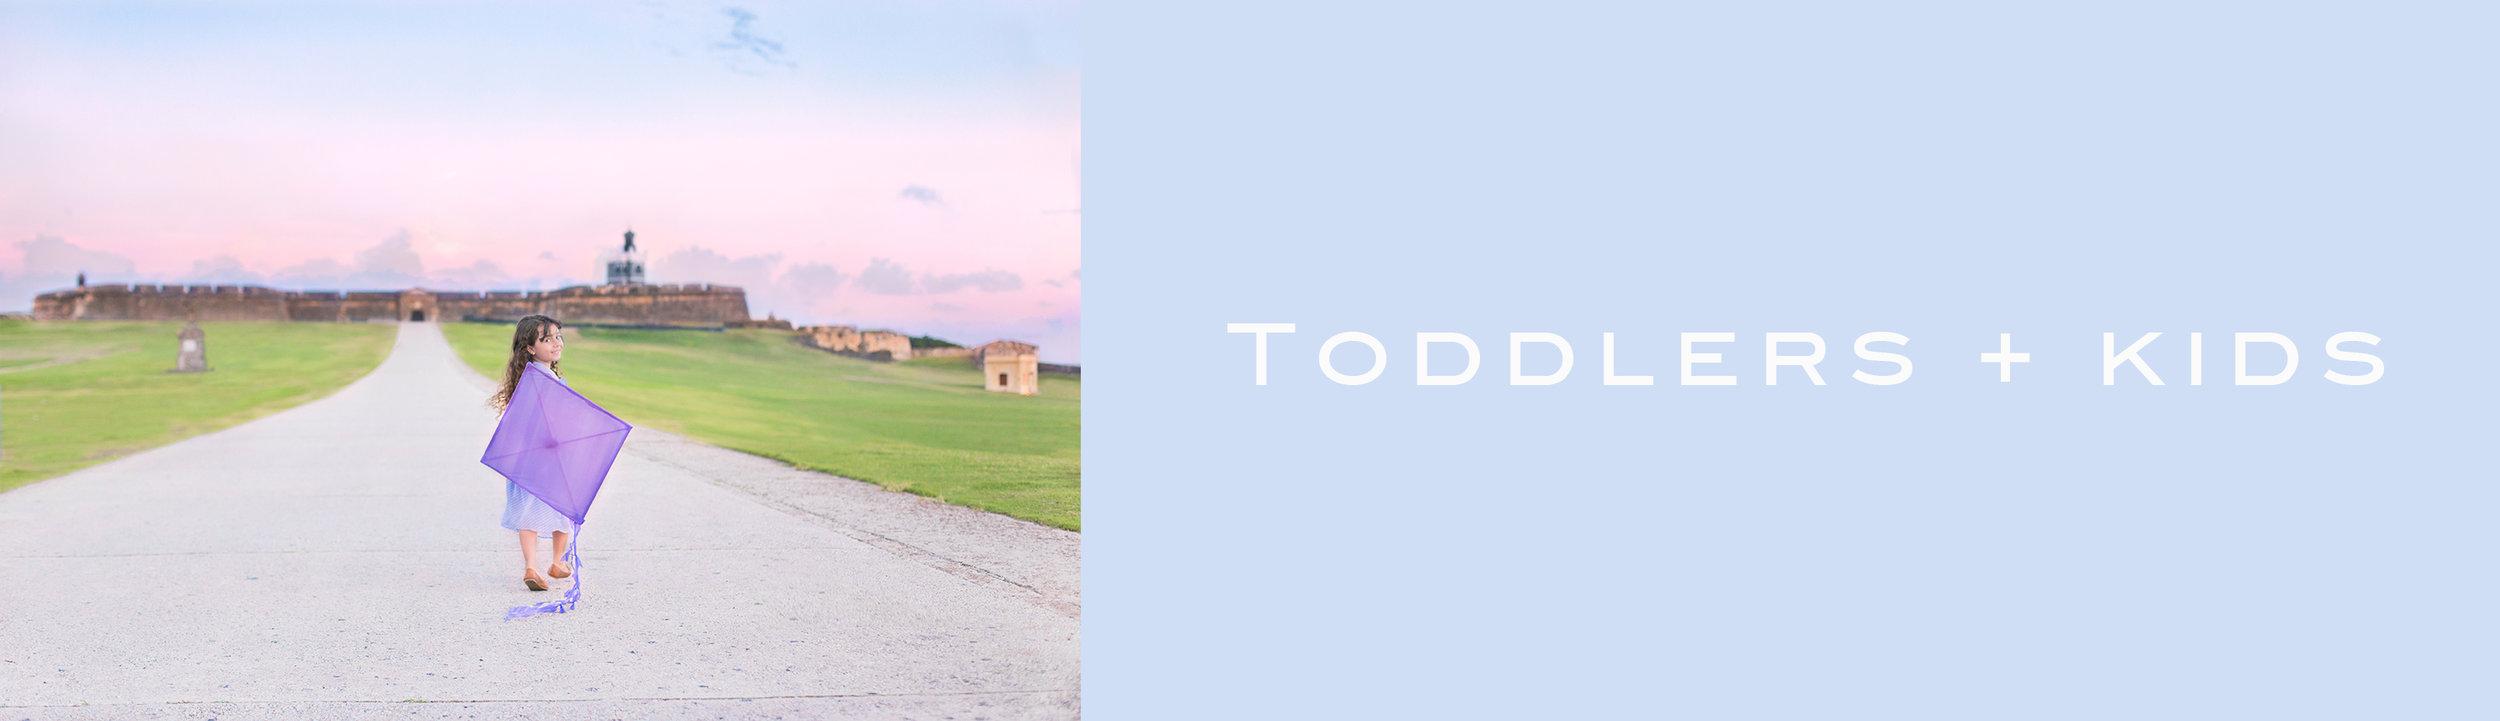 ToddsKids.jpg